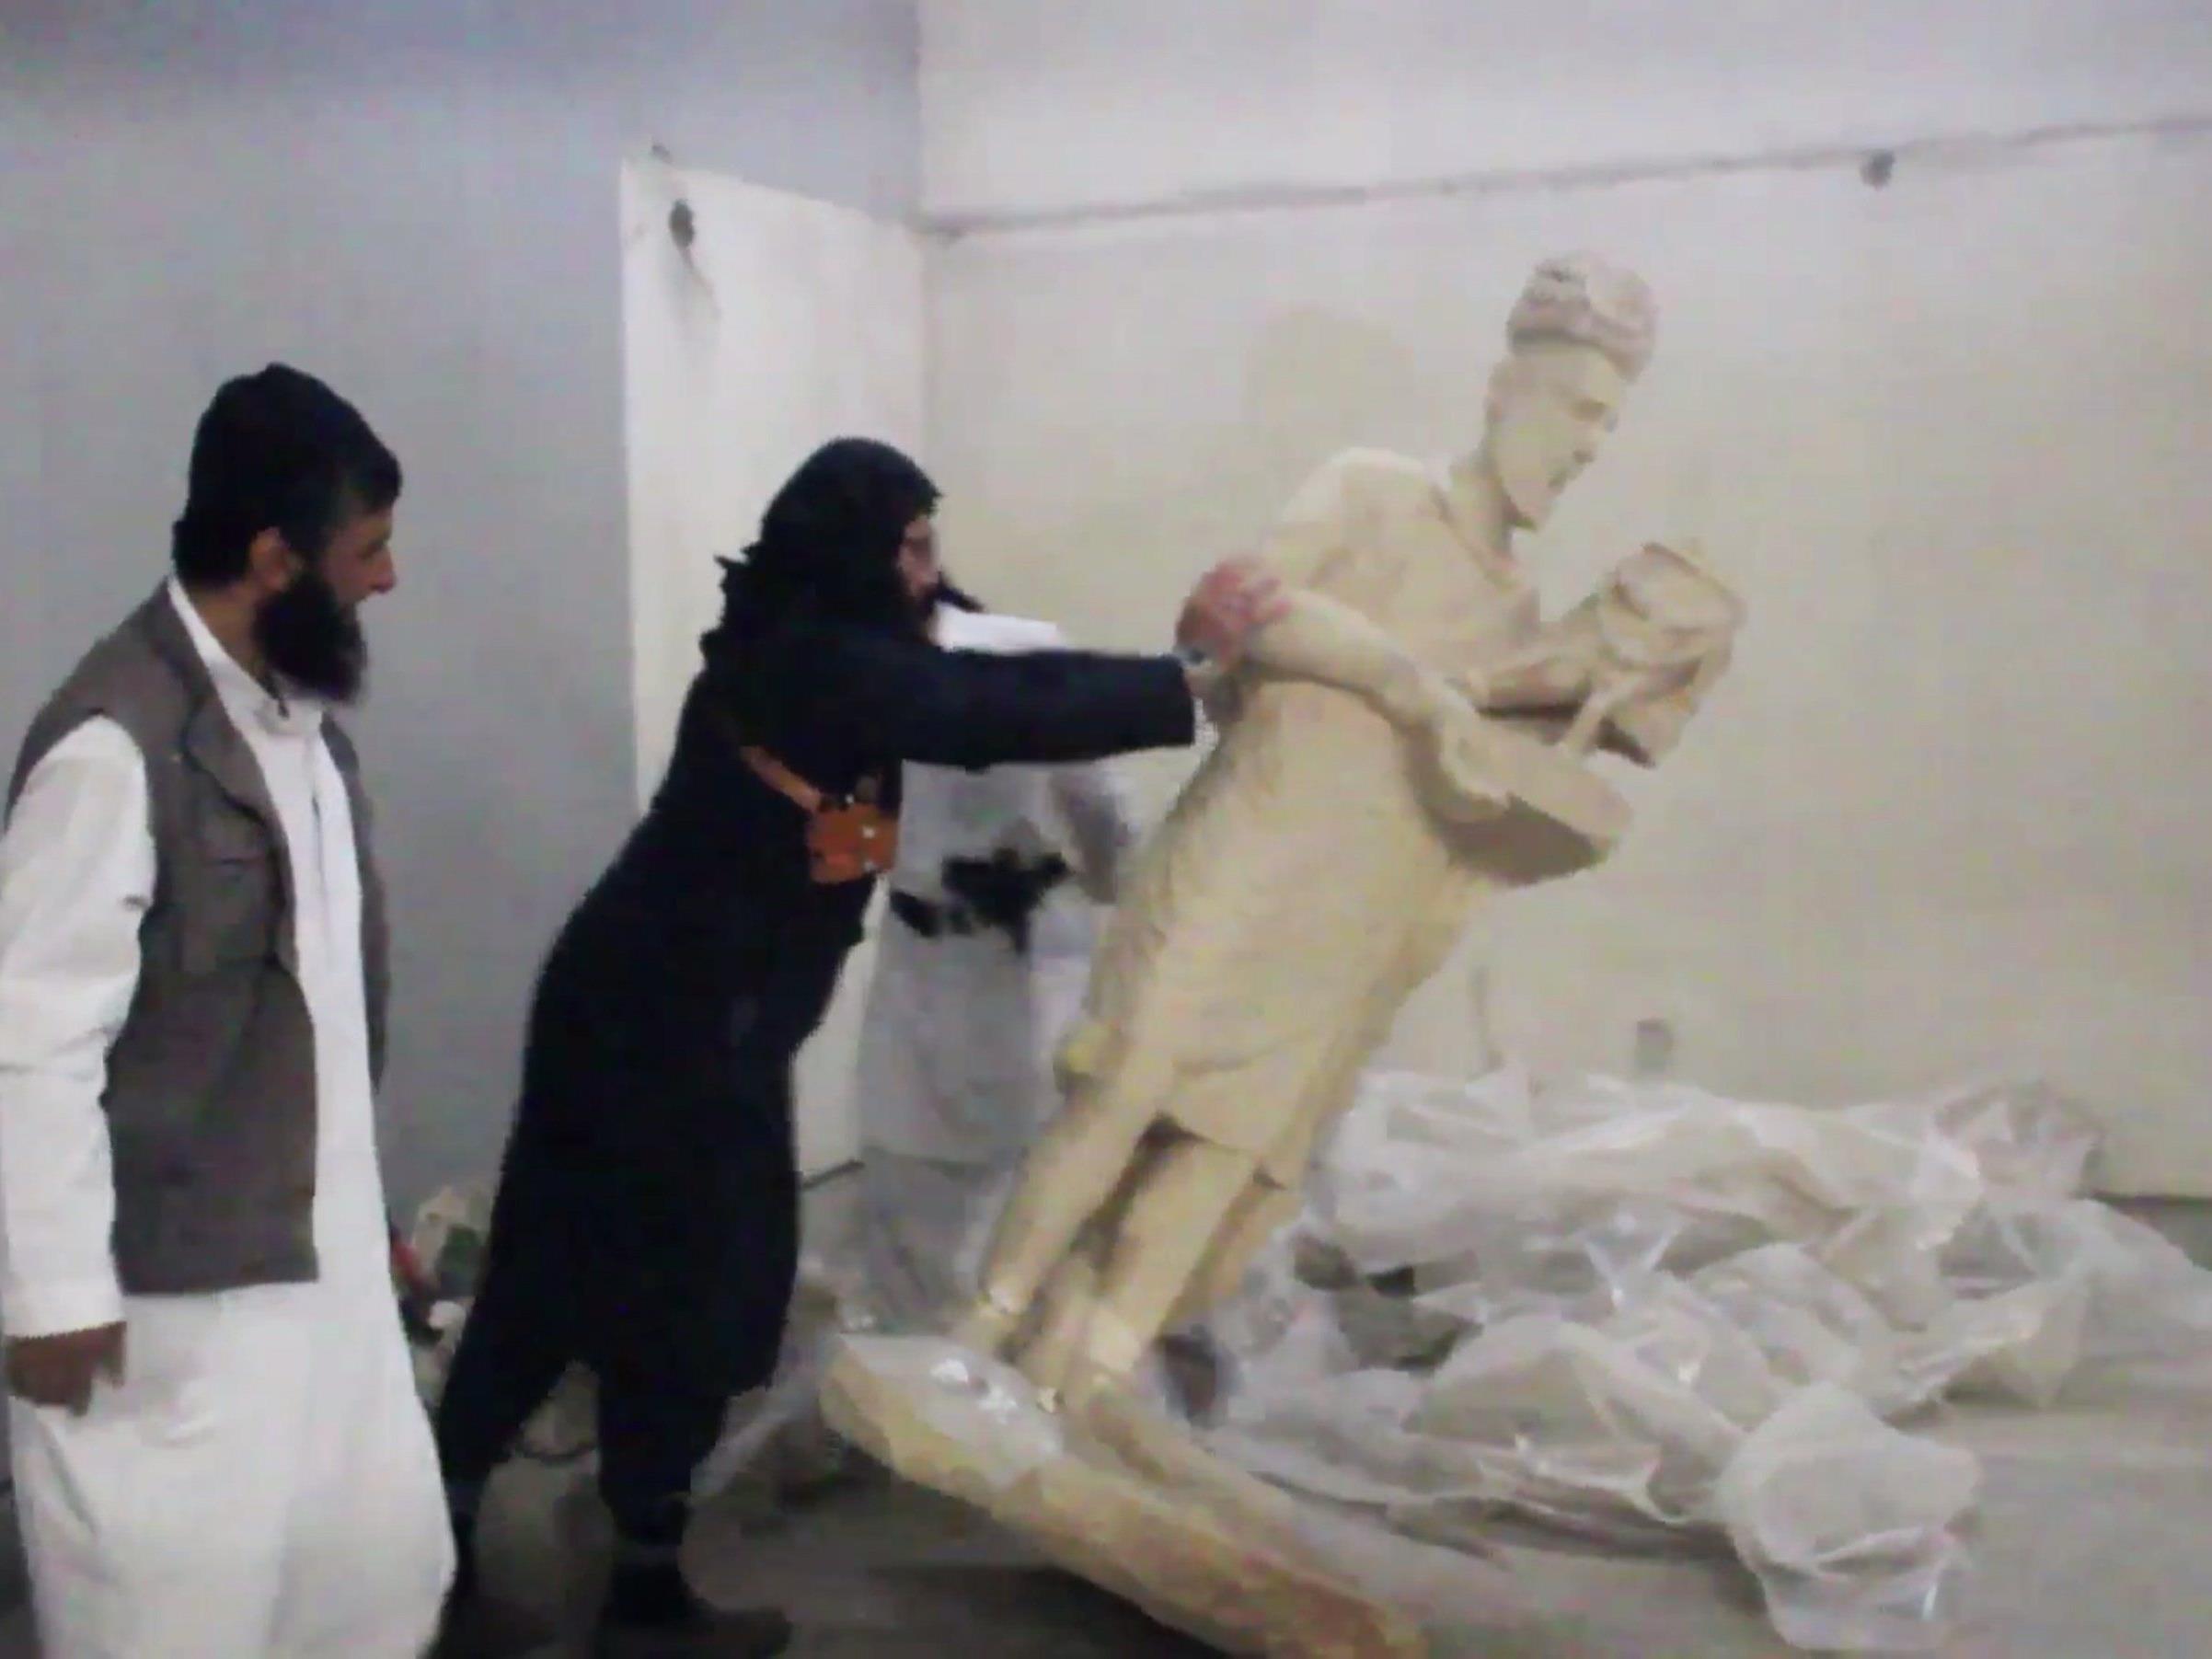 Die IS betrachtet Kulturgüter als Götzen, die beseitigt werden müssen.